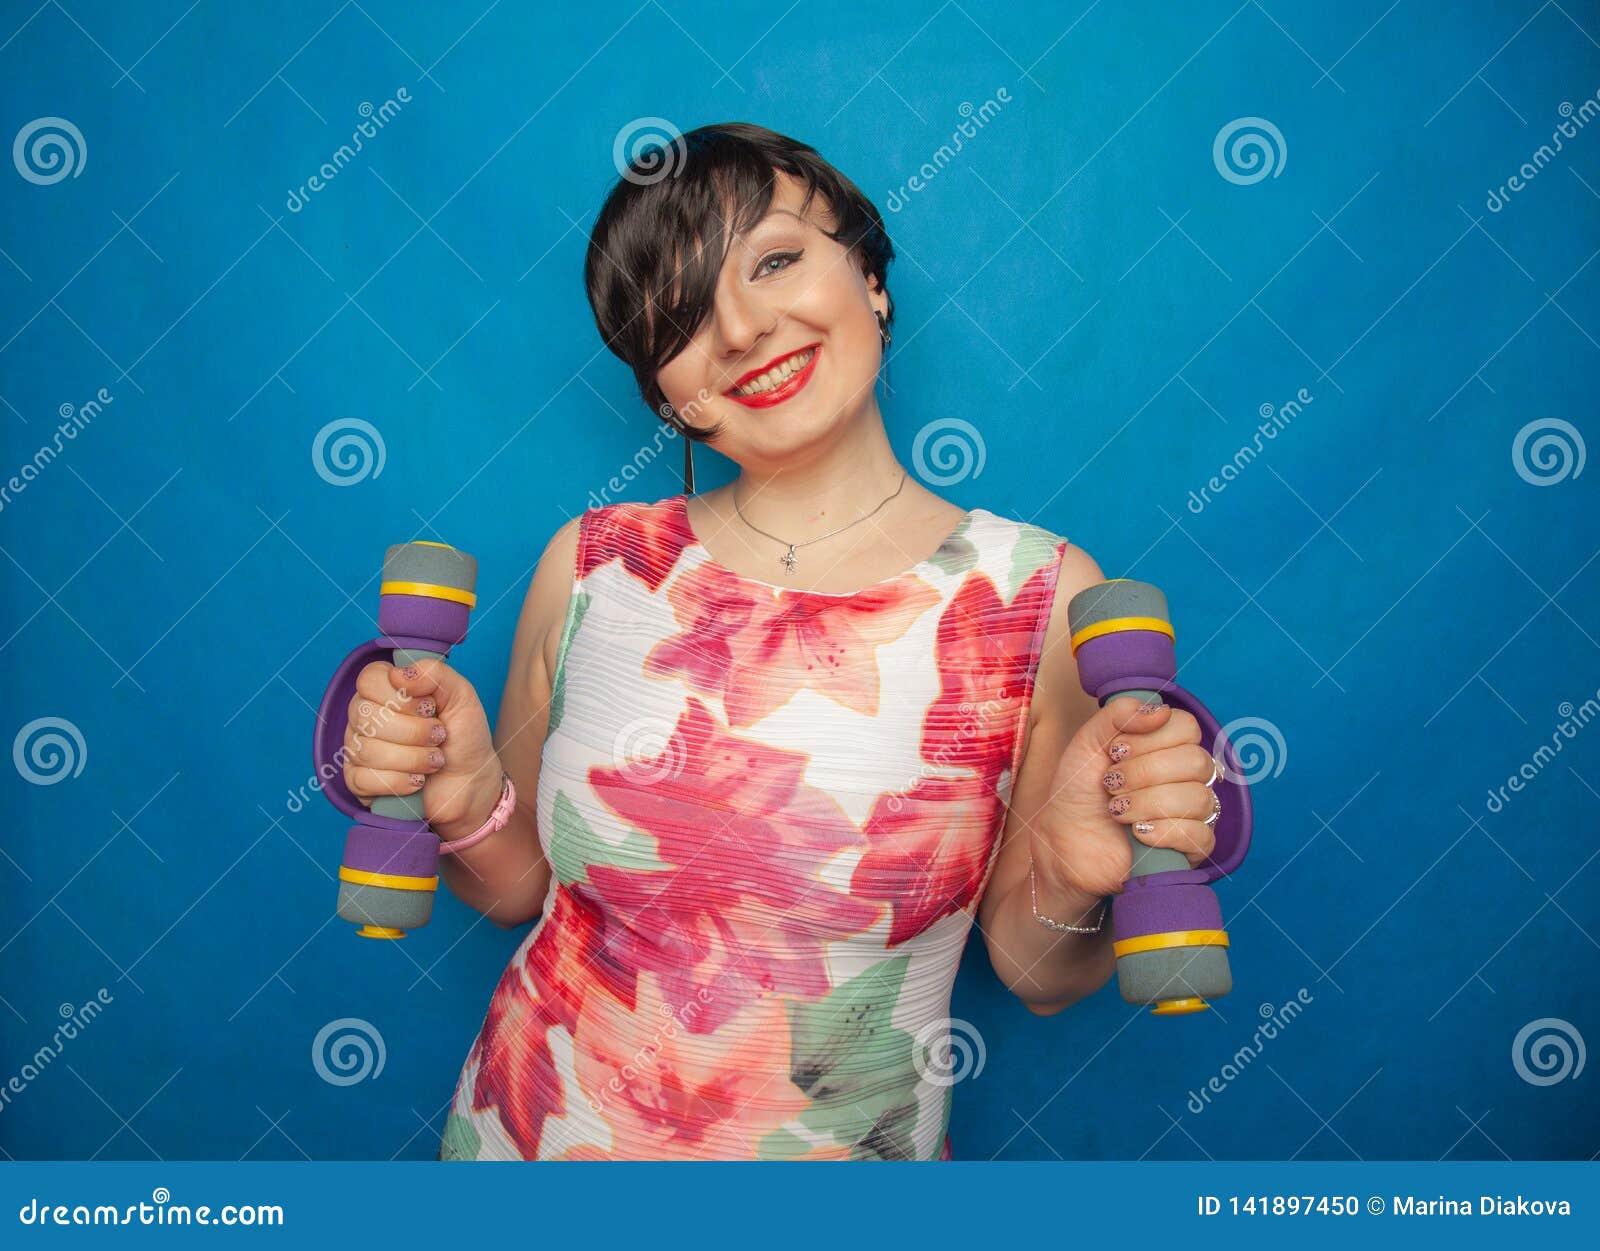 Het mollige blije emotionele meisje met kort haar probeert om sporten met domoren te doen gezond zijn en gewicht verliezen